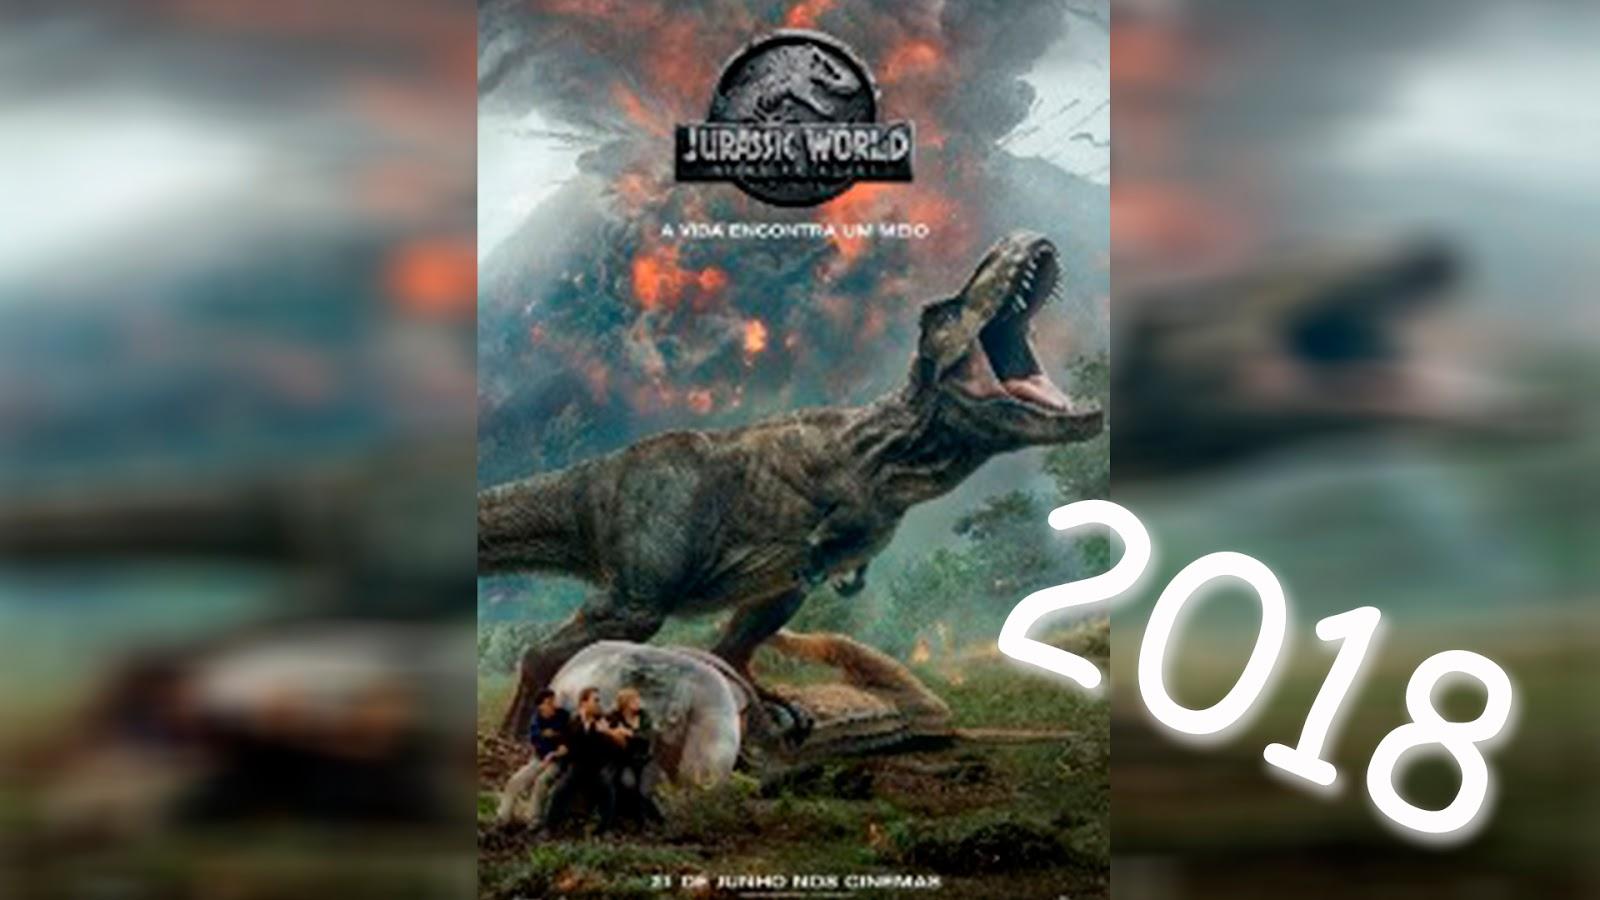 Jurassic World Hd Filme